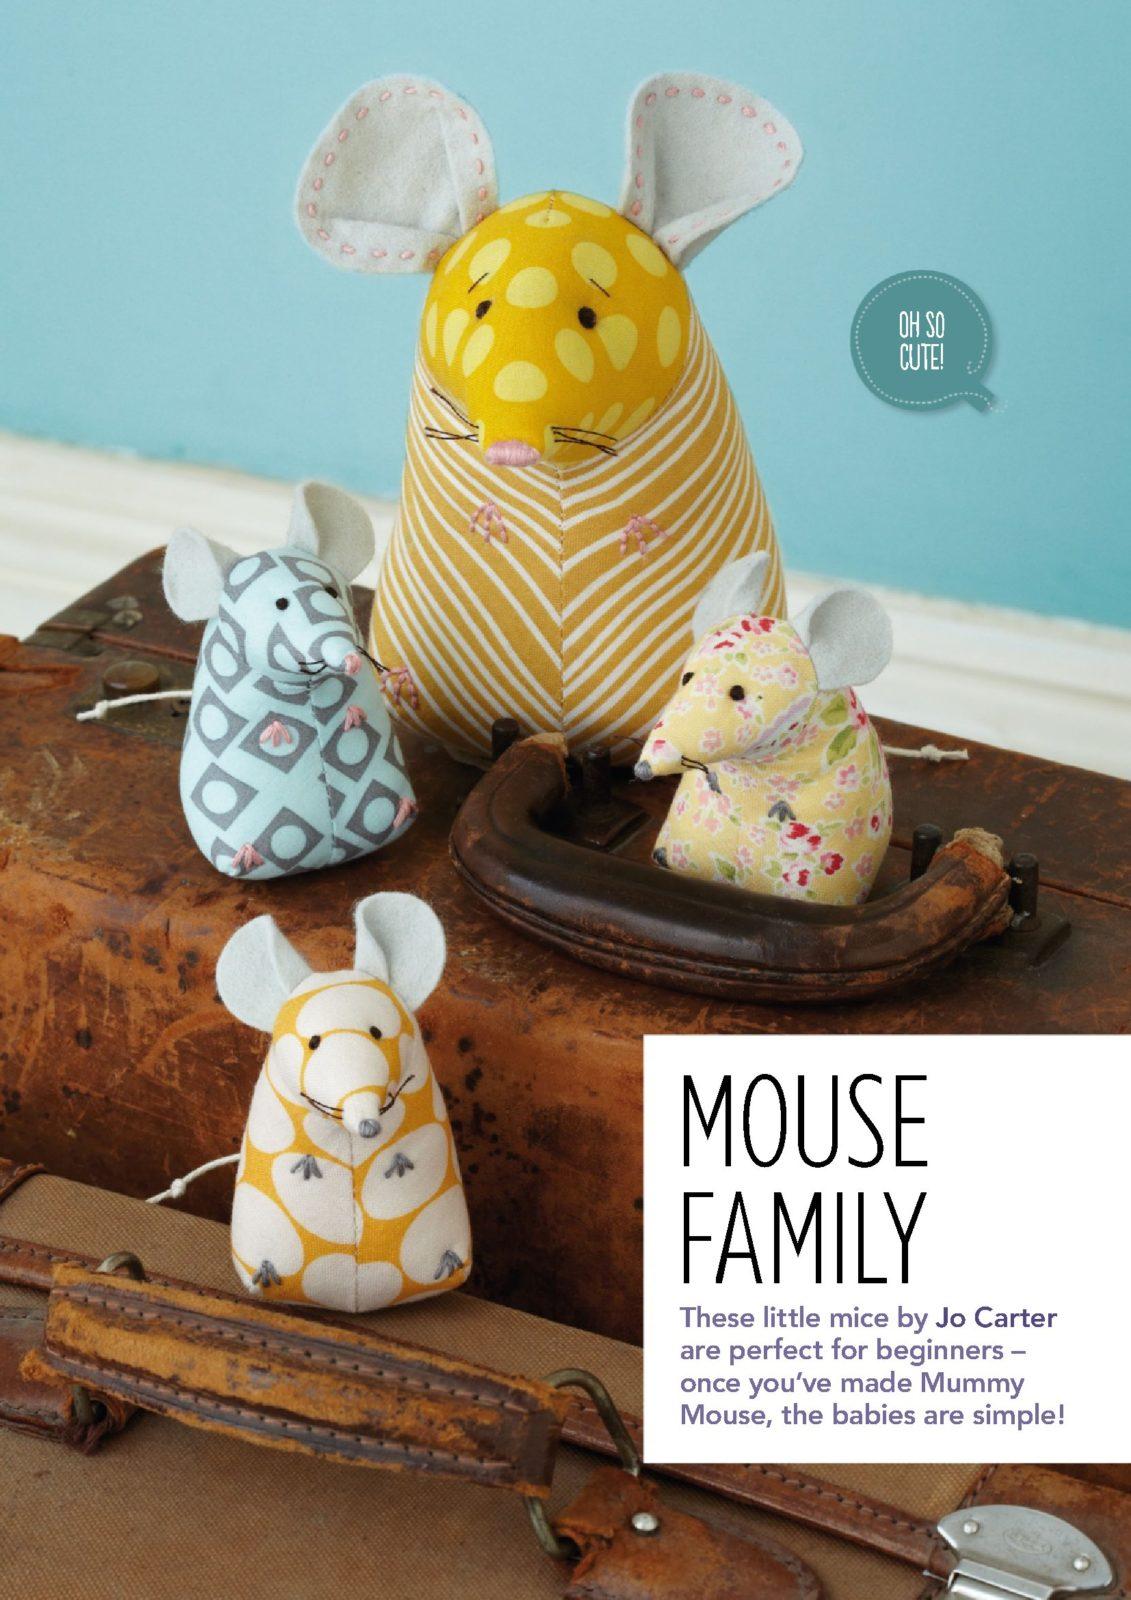 семейство мышей и мышек